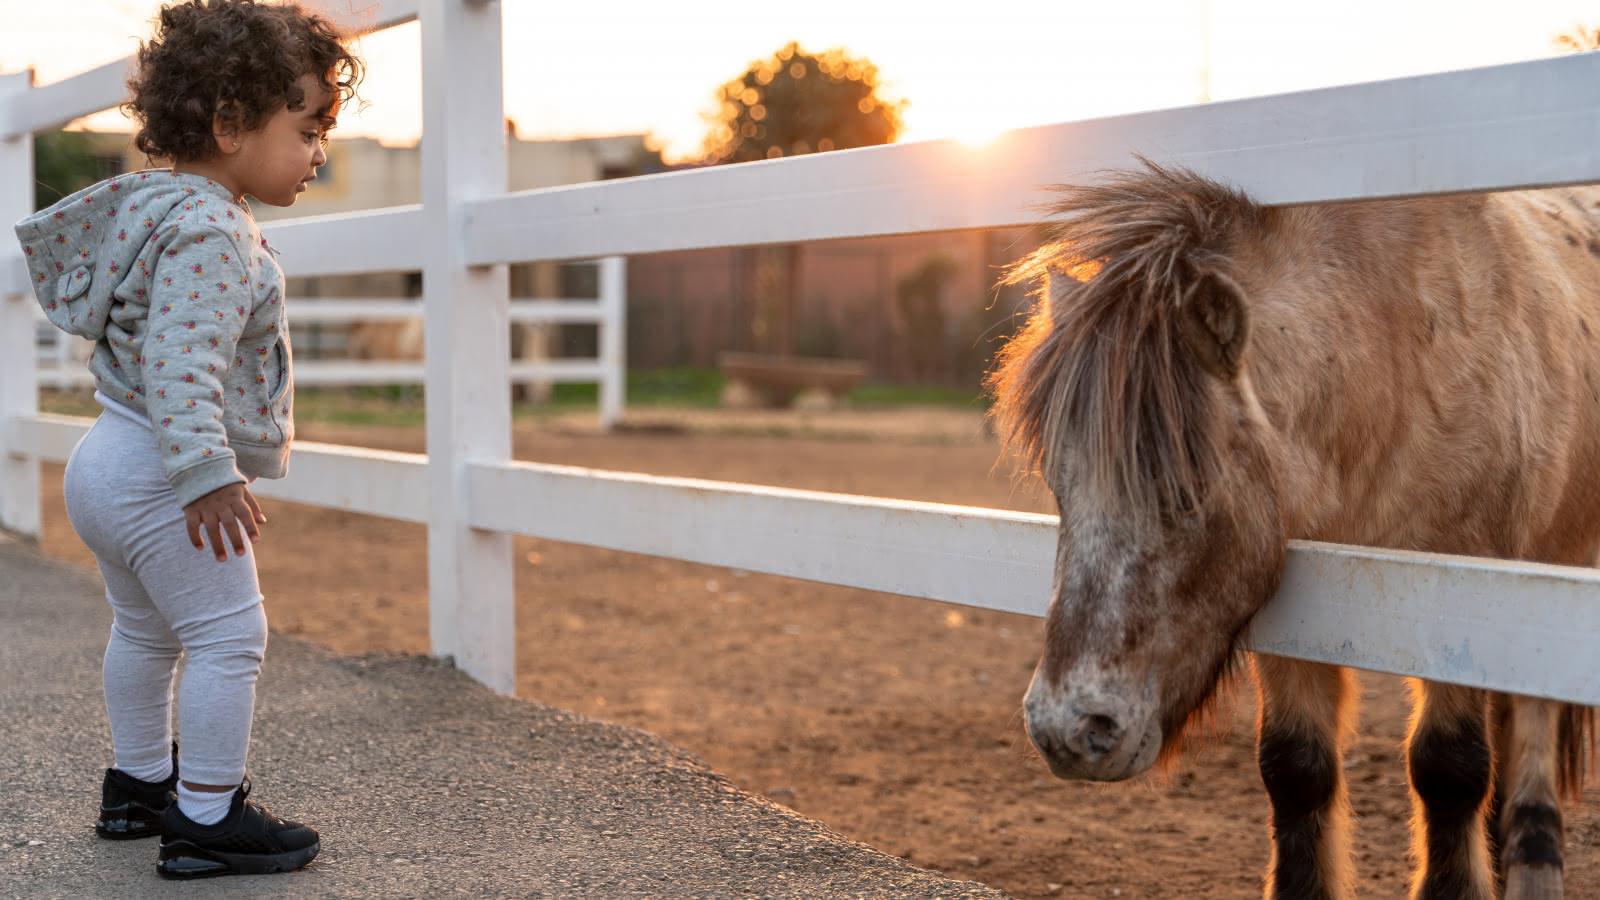 Bébé fille et un poney derrière une barrière dans un champs